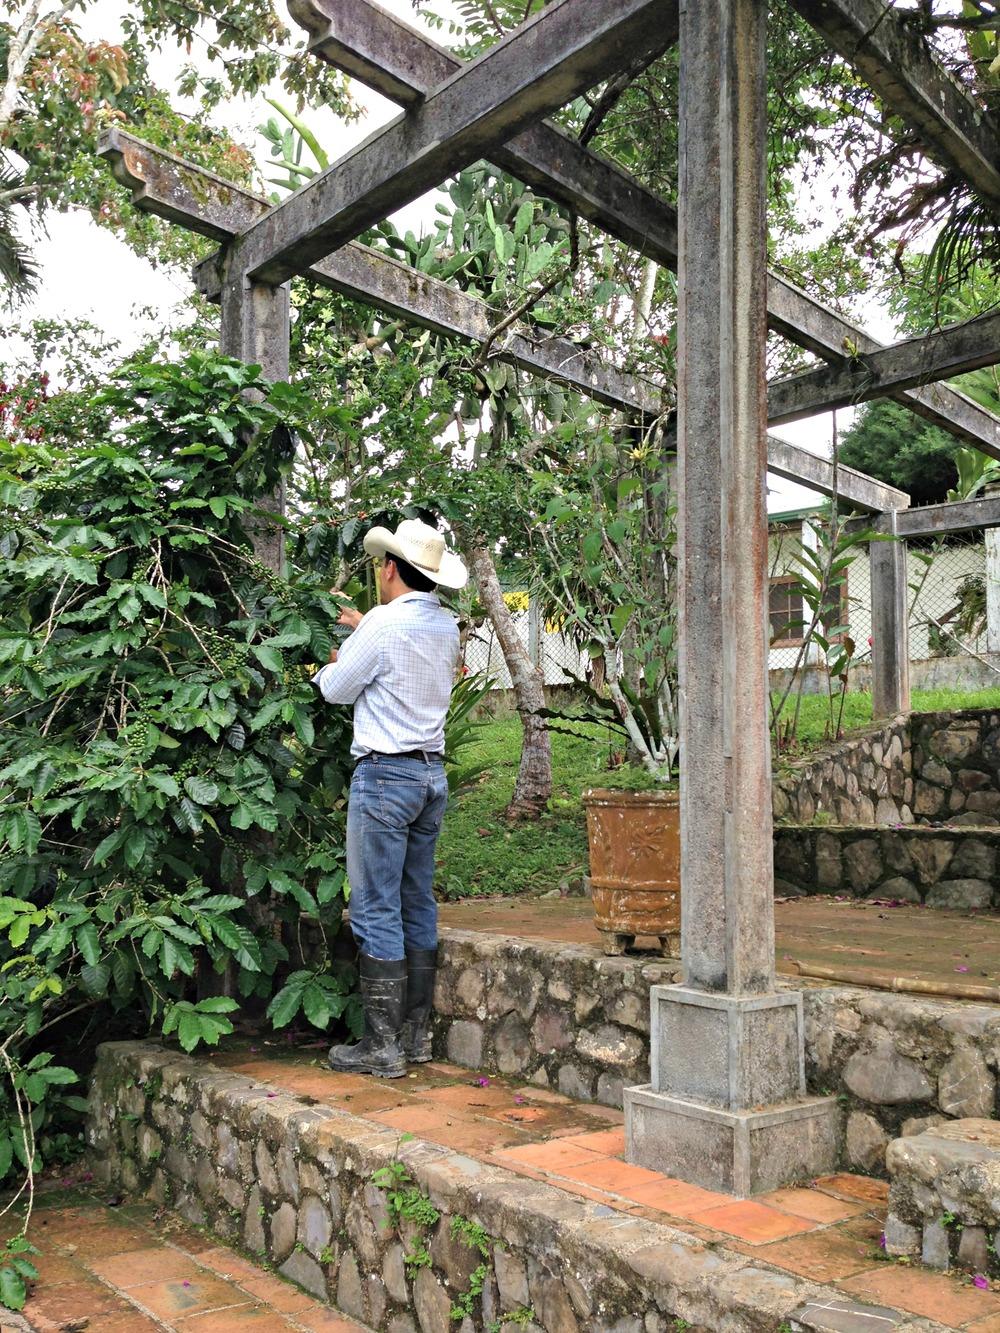 Carlos looking for ripe berries